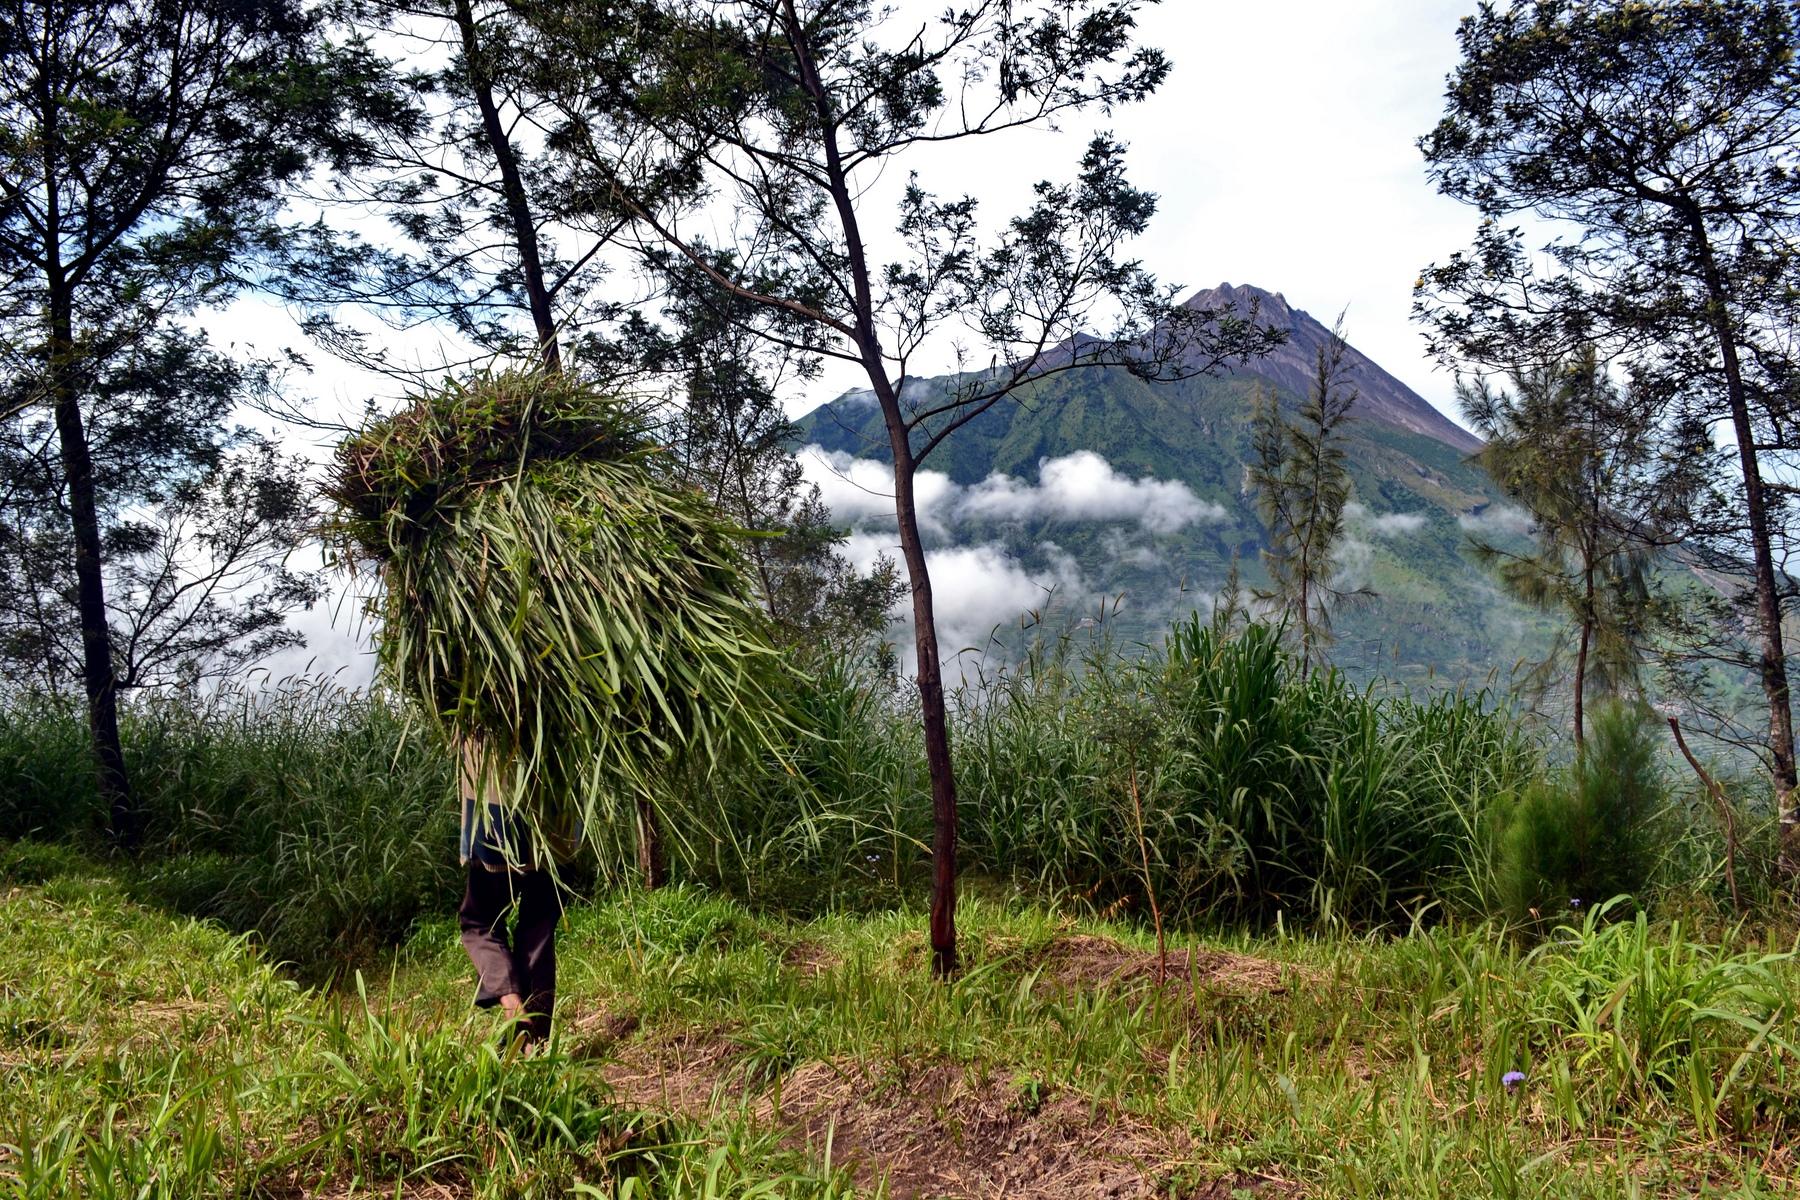 indonesie-yodgakarta-merapi(7)